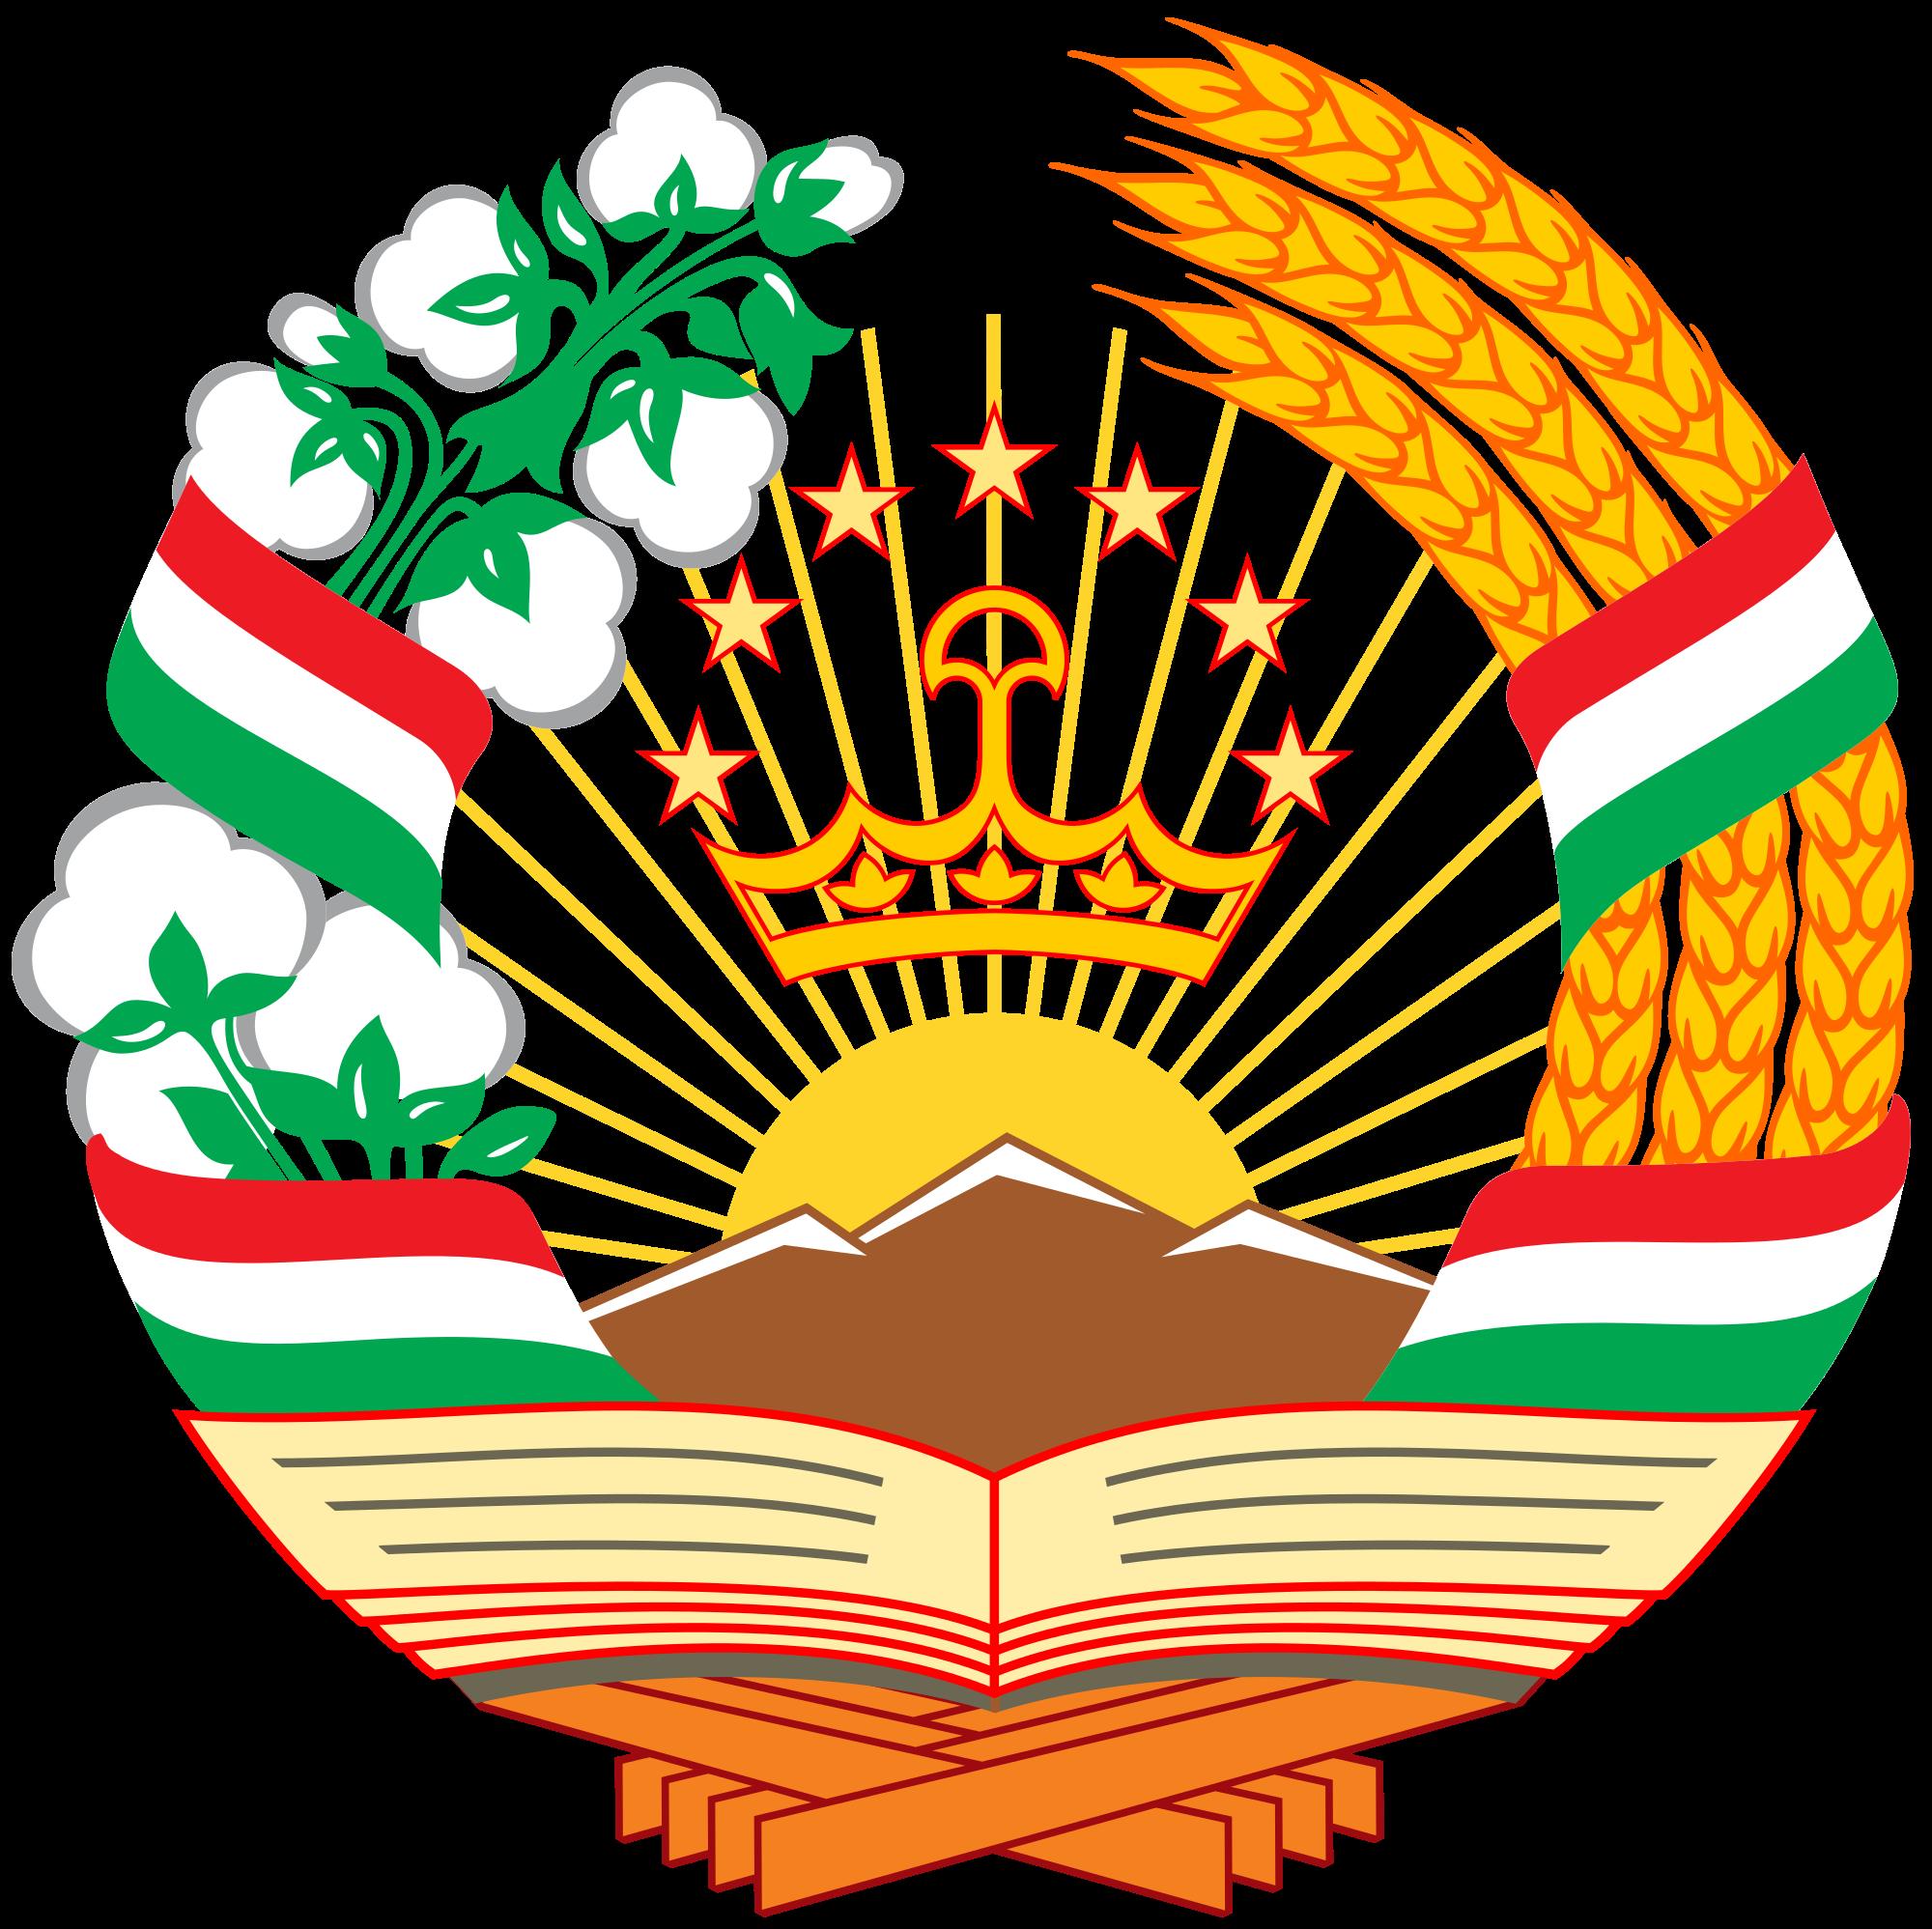 Emblem of tajikistan wikipedia. Wheat clipart symbolism